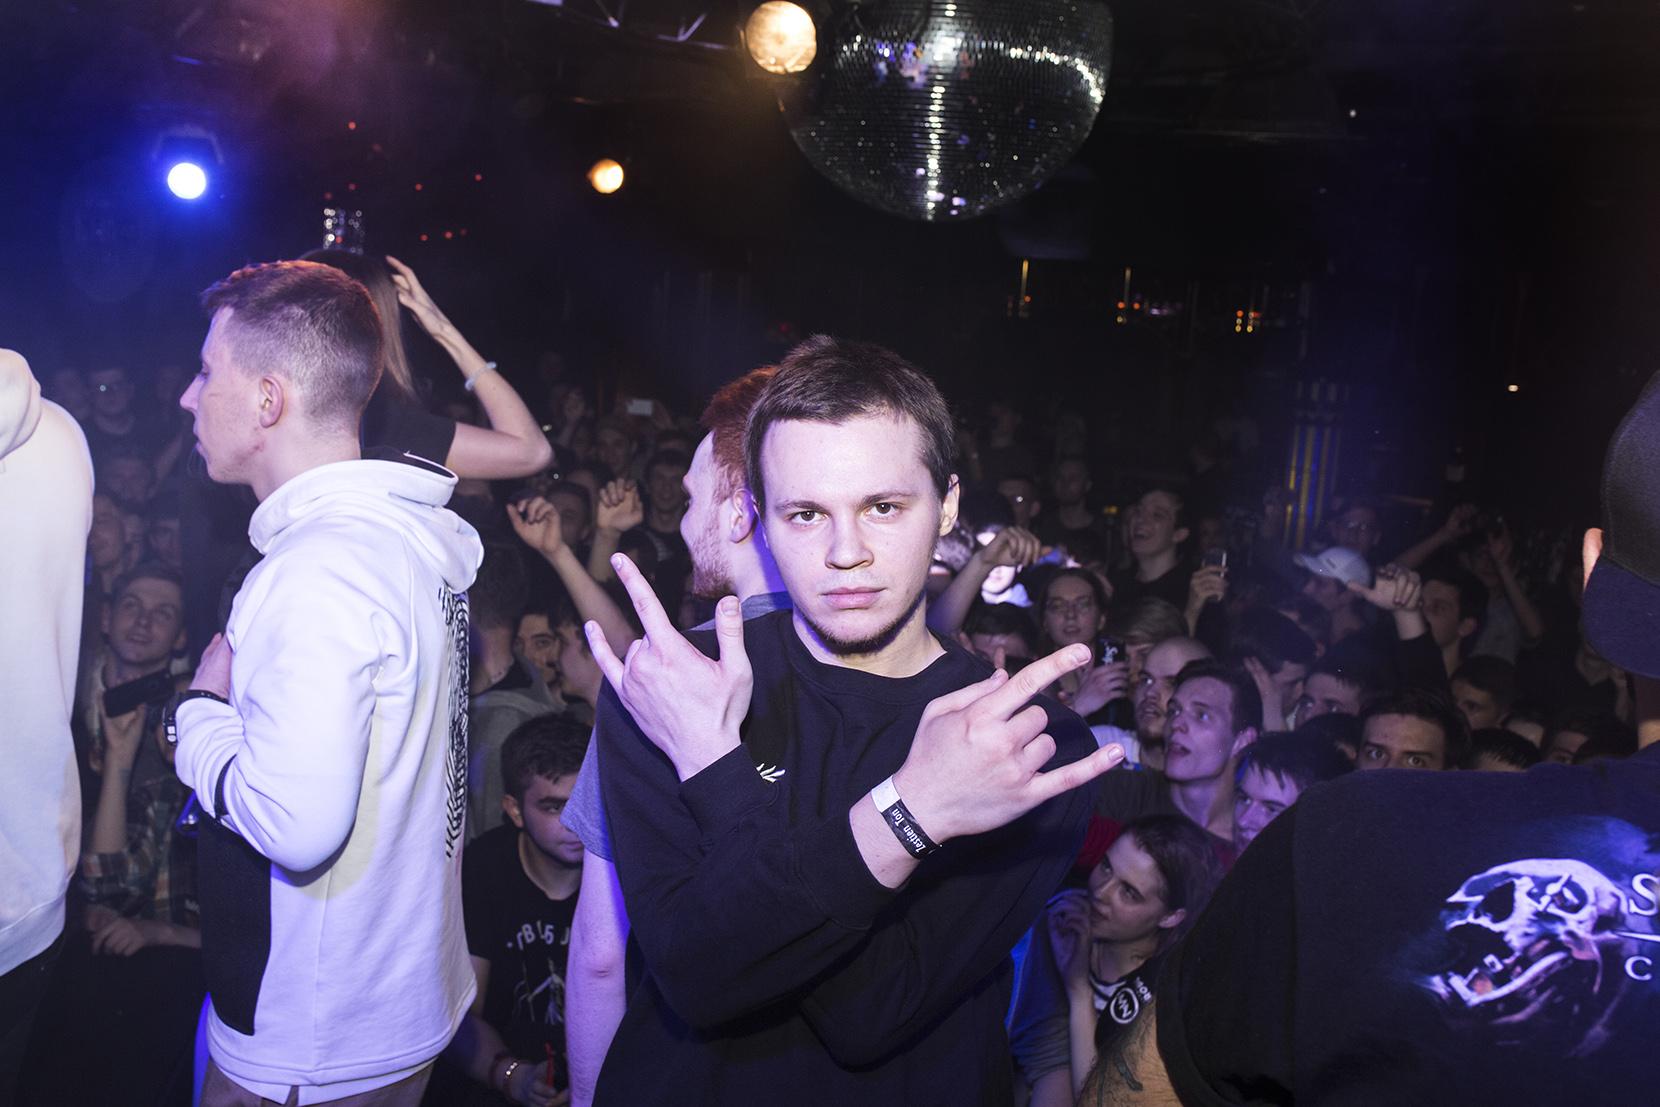 Фото 140 BPM MIXTAPE vol. 1, 140 BPM BATTLE впервые в Москве!